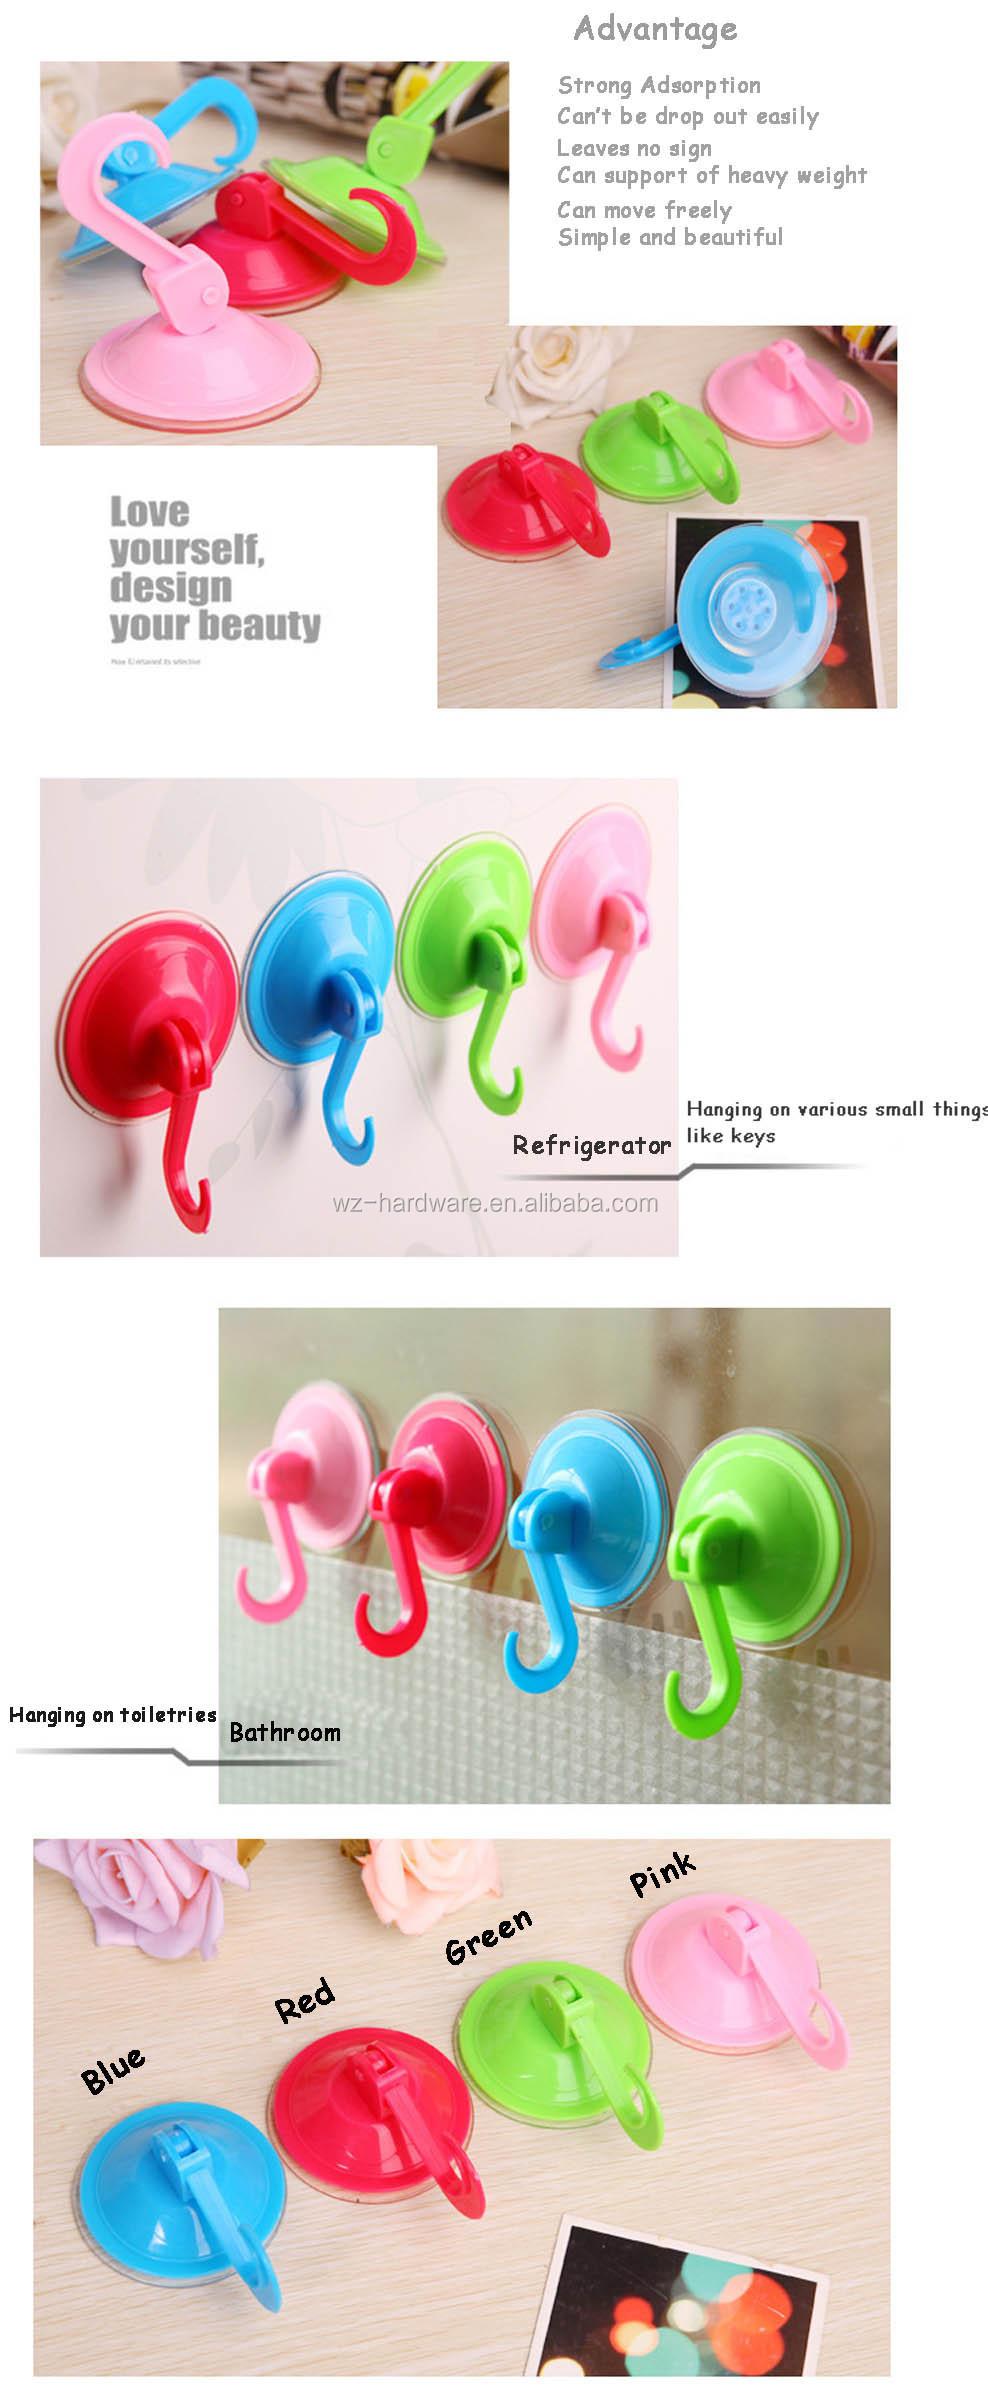 Bathroom Suction Hooks Bathroom Plastic Wall Hooksuction Cup Hooksuction Hook Buy